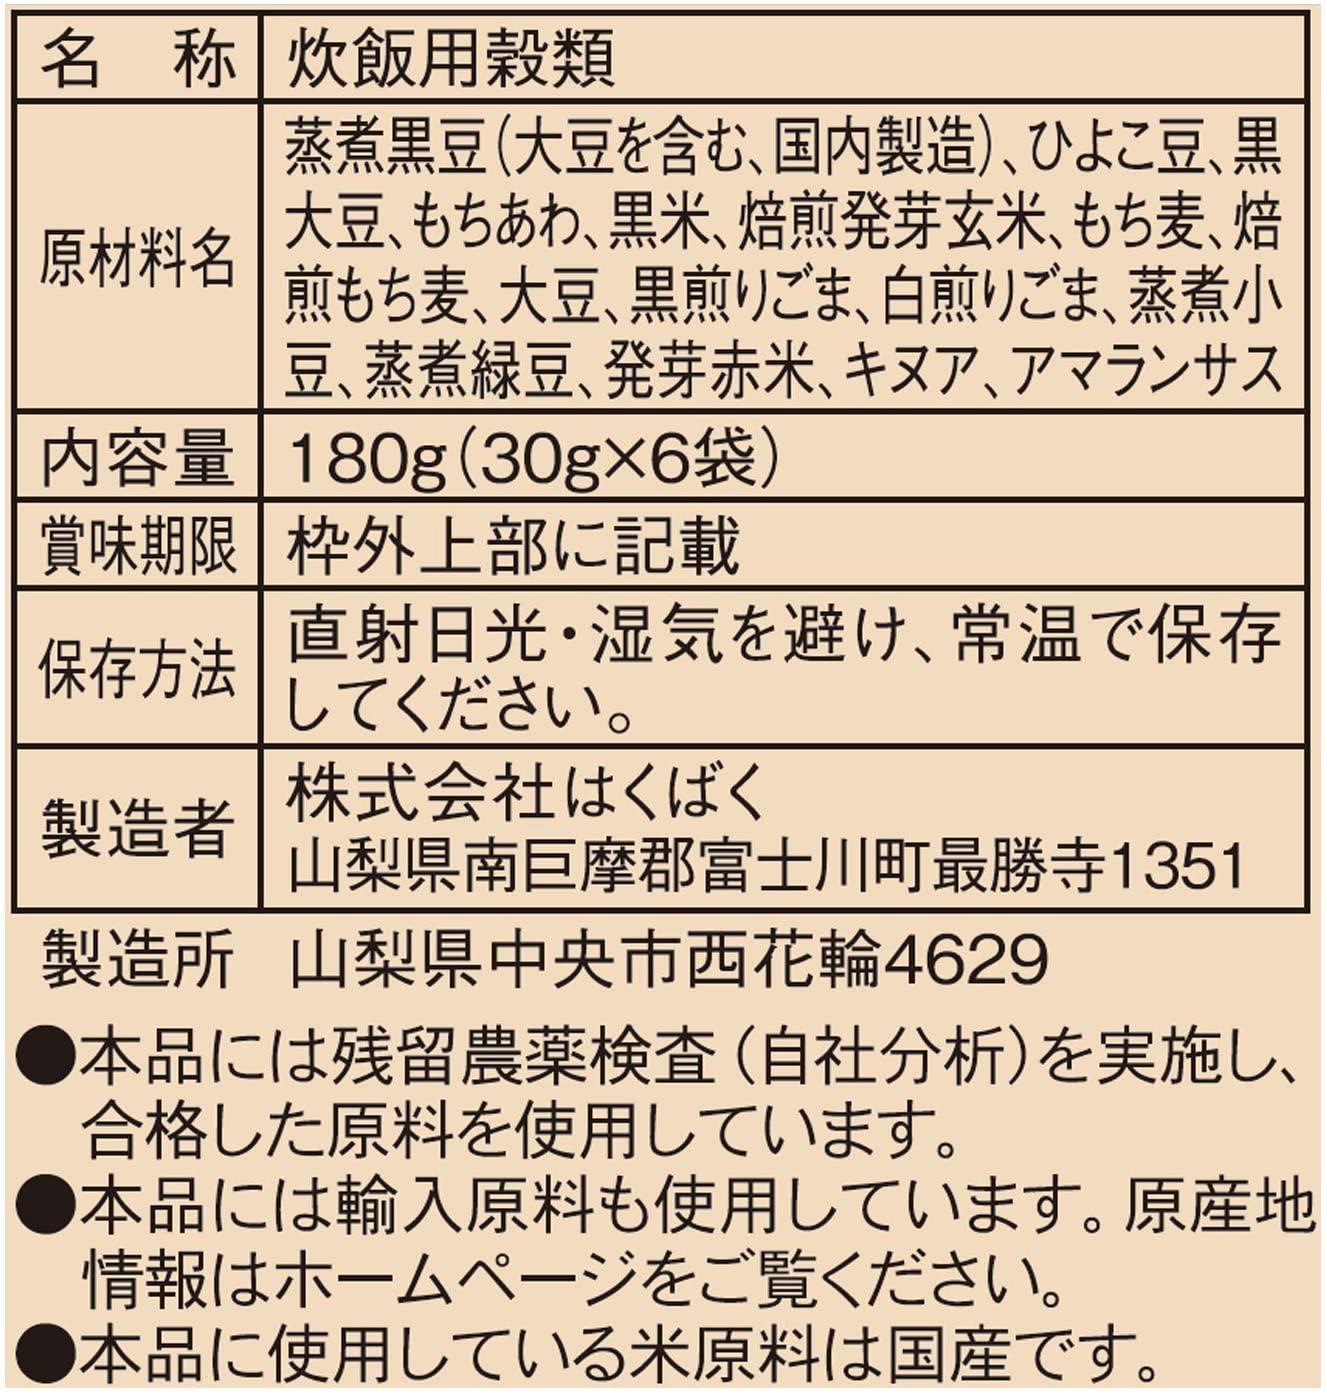 お豆ホクホク十六穀ごはん 180g(30g×6)